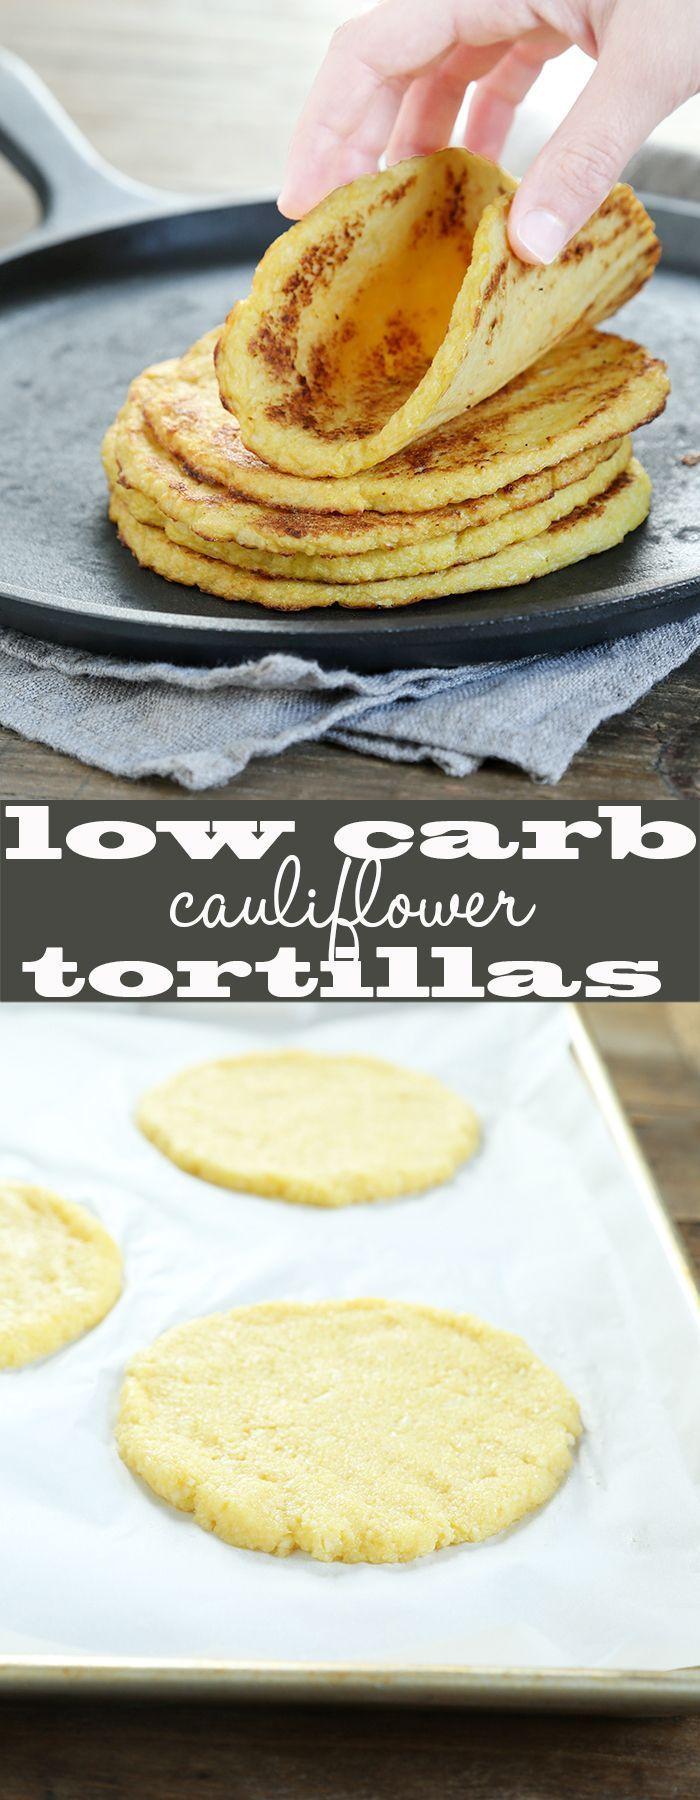 Holen Sie sich dieses getestete Rezept für kohlenhydratarme, getreidefreie Blumenkohl-Tortillas. Nur 3 si …   – Cauliflower recipes